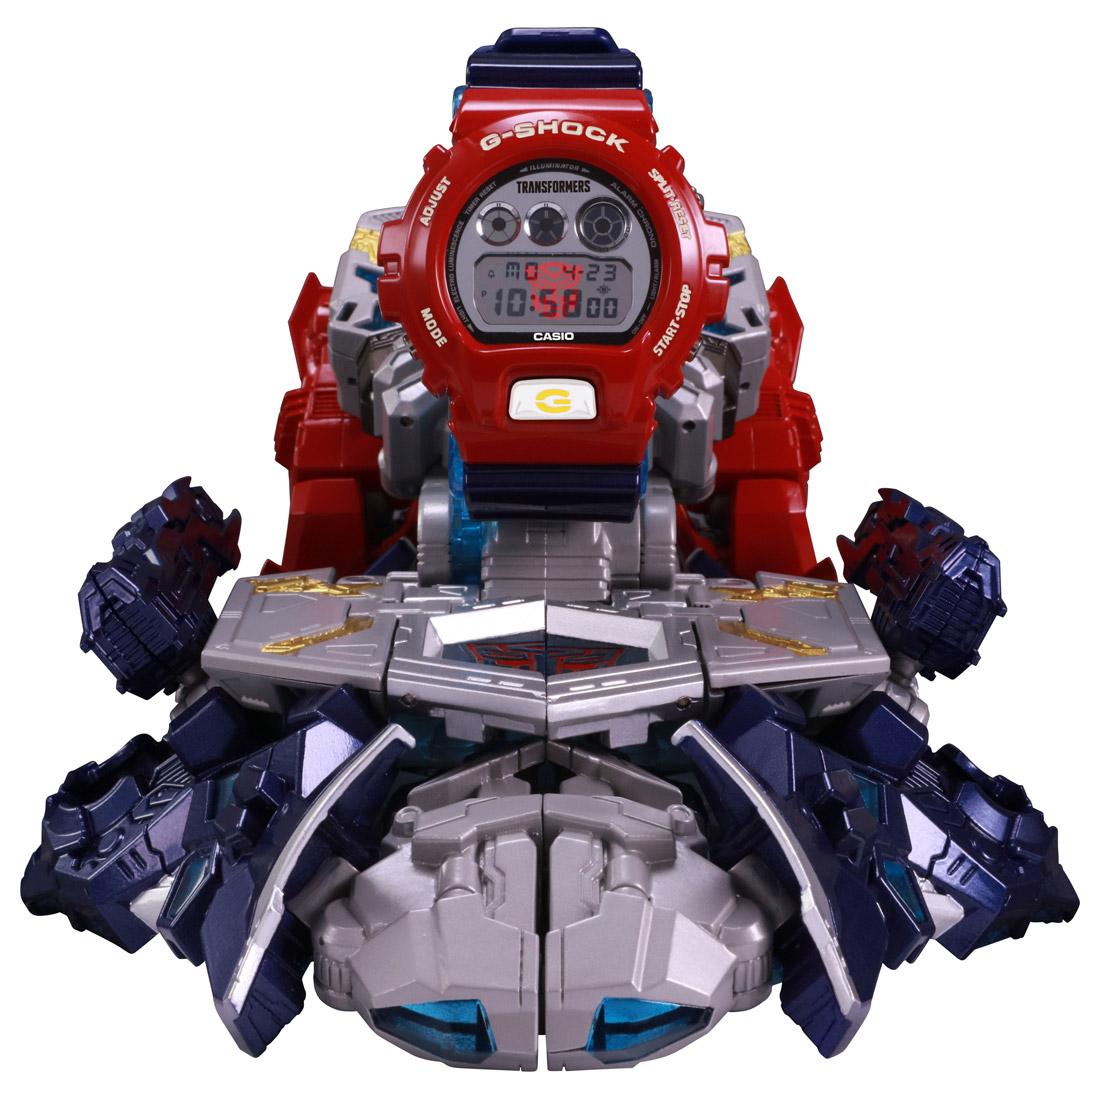 【抽選販売】トランスフォーマー 『G-SHOCK × TRANSFORMERS マスターオプティマスプライム レゾナントモード(G-SHOCKセット)』可変可動フィギュア-006